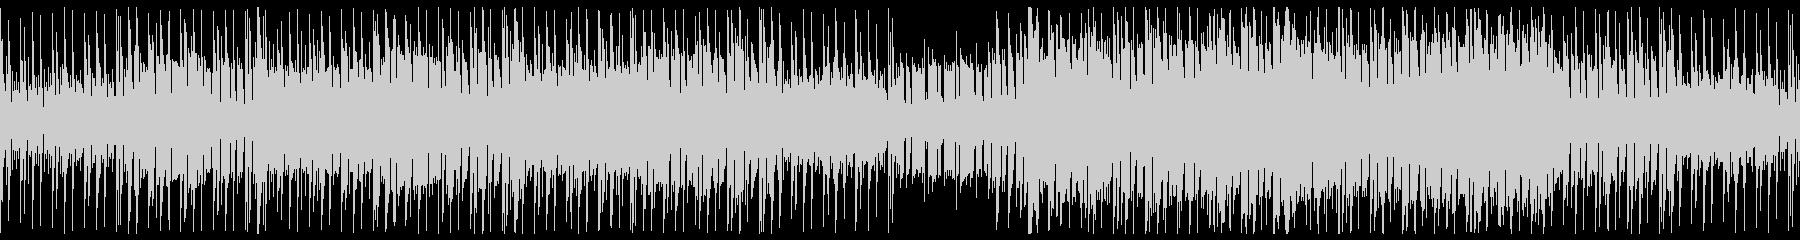 ダークなアップミドルサイバー系BGMの未再生の波形